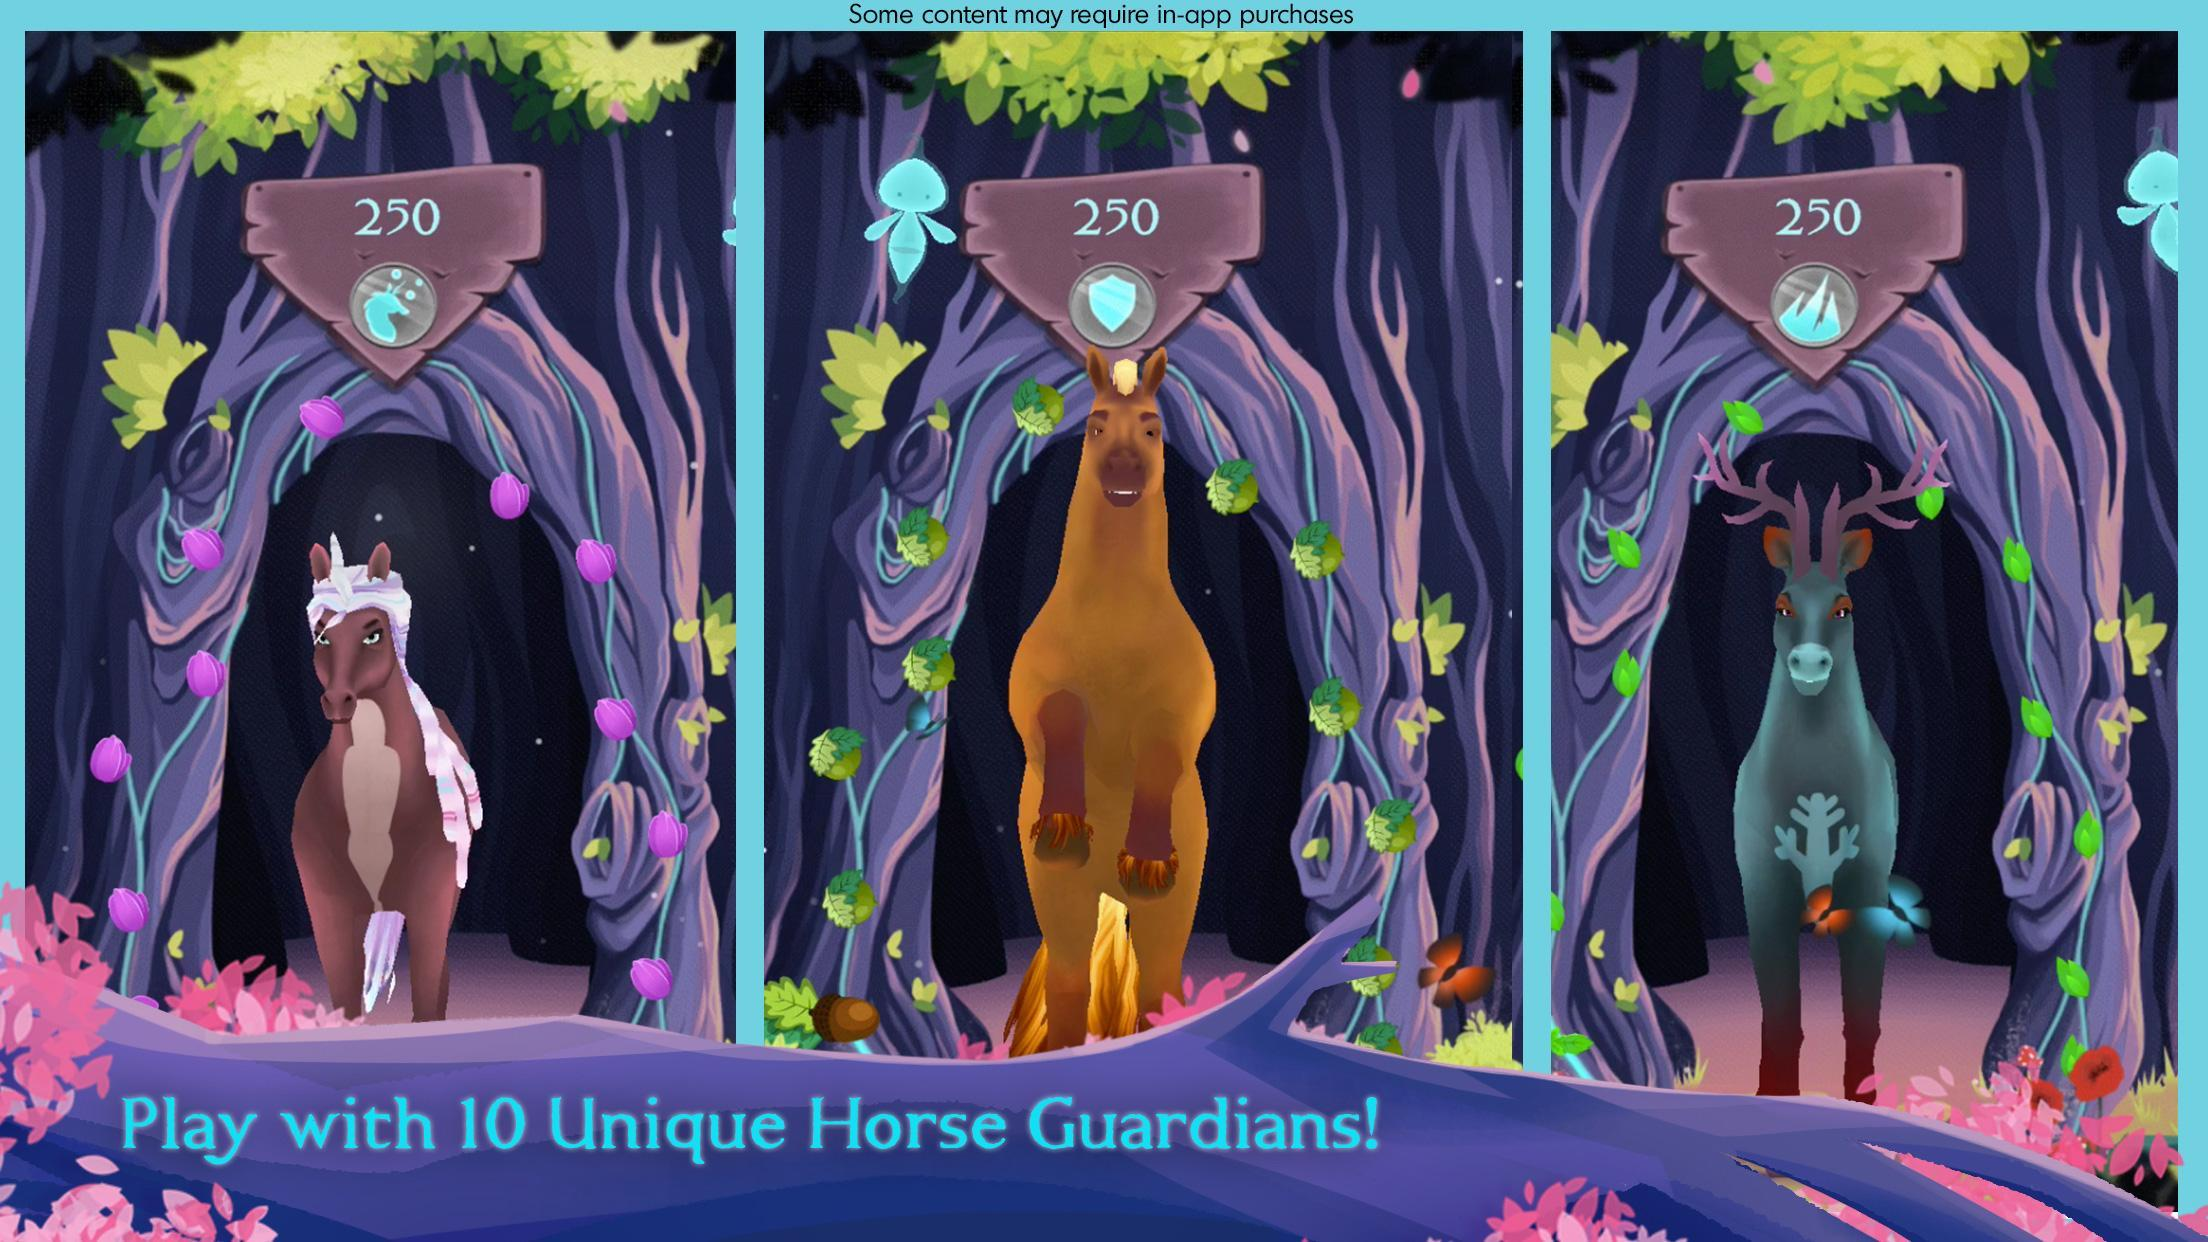 EverRun The Horse Guardians - Epic Endless Runner 2.3 Screenshot 2